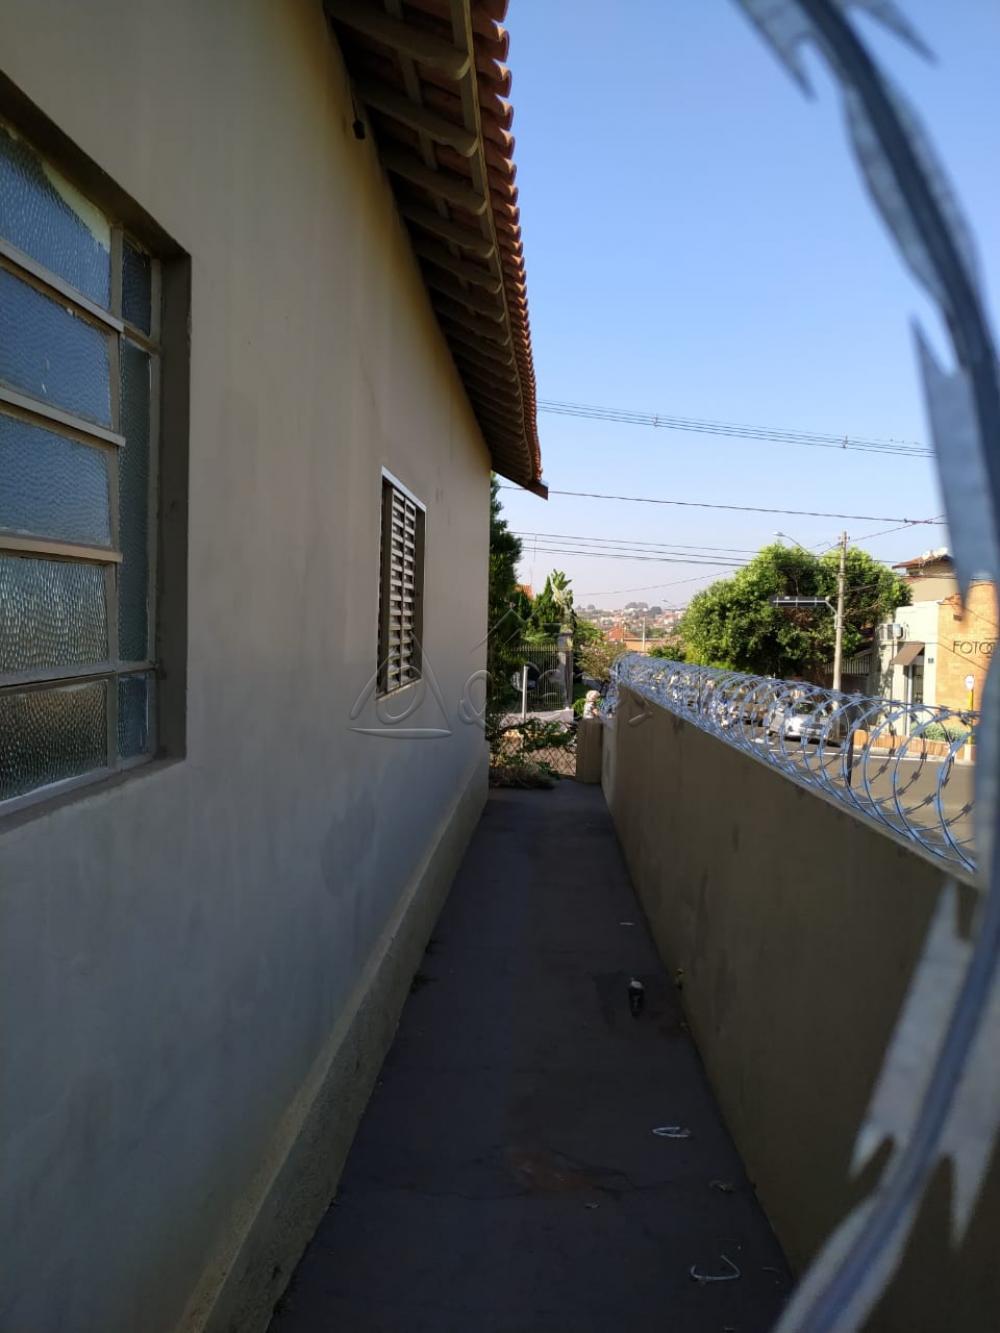 Comprar Casa / Padrão em Barretos apenas R$ 220.000,00 - Foto 14